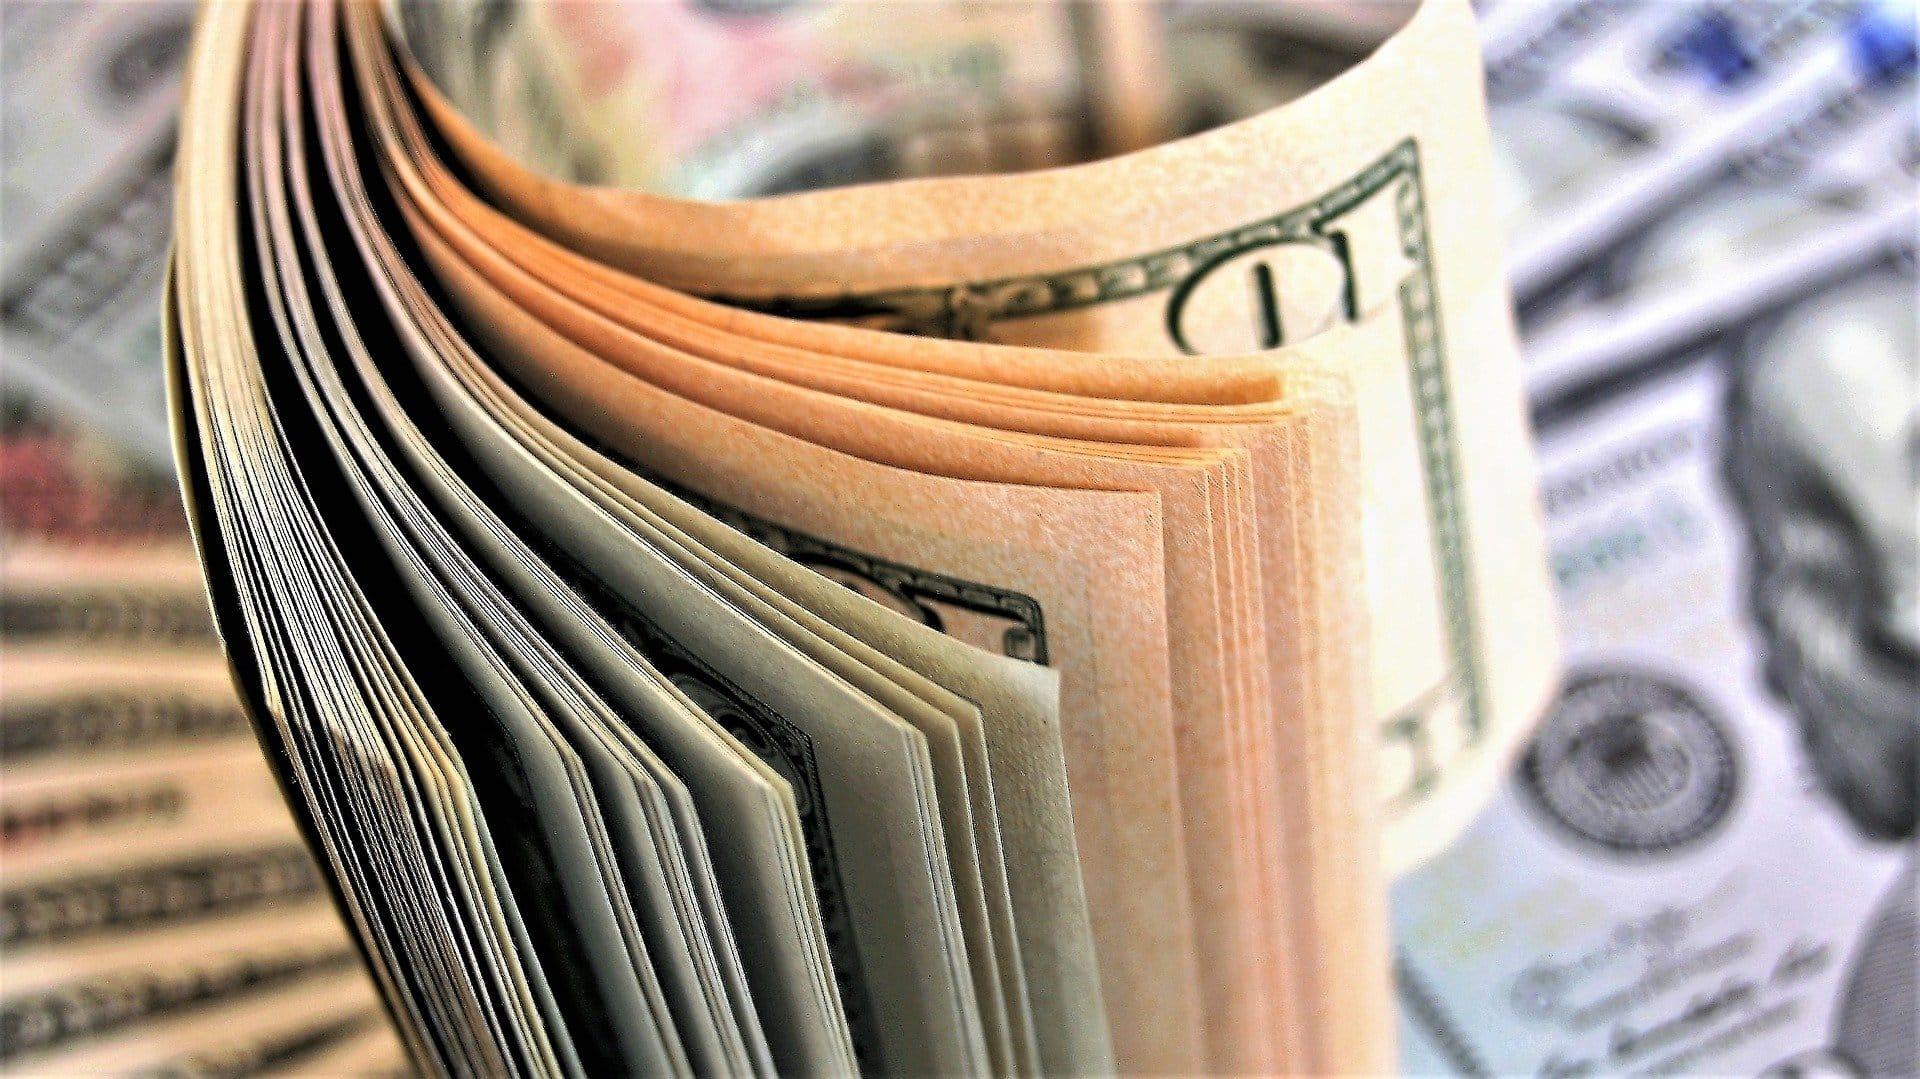 tiešsaistes cfd tirdzniecība xtrade kā ieguldīt tehnoloģijā aiz bitcoin mainās nauda